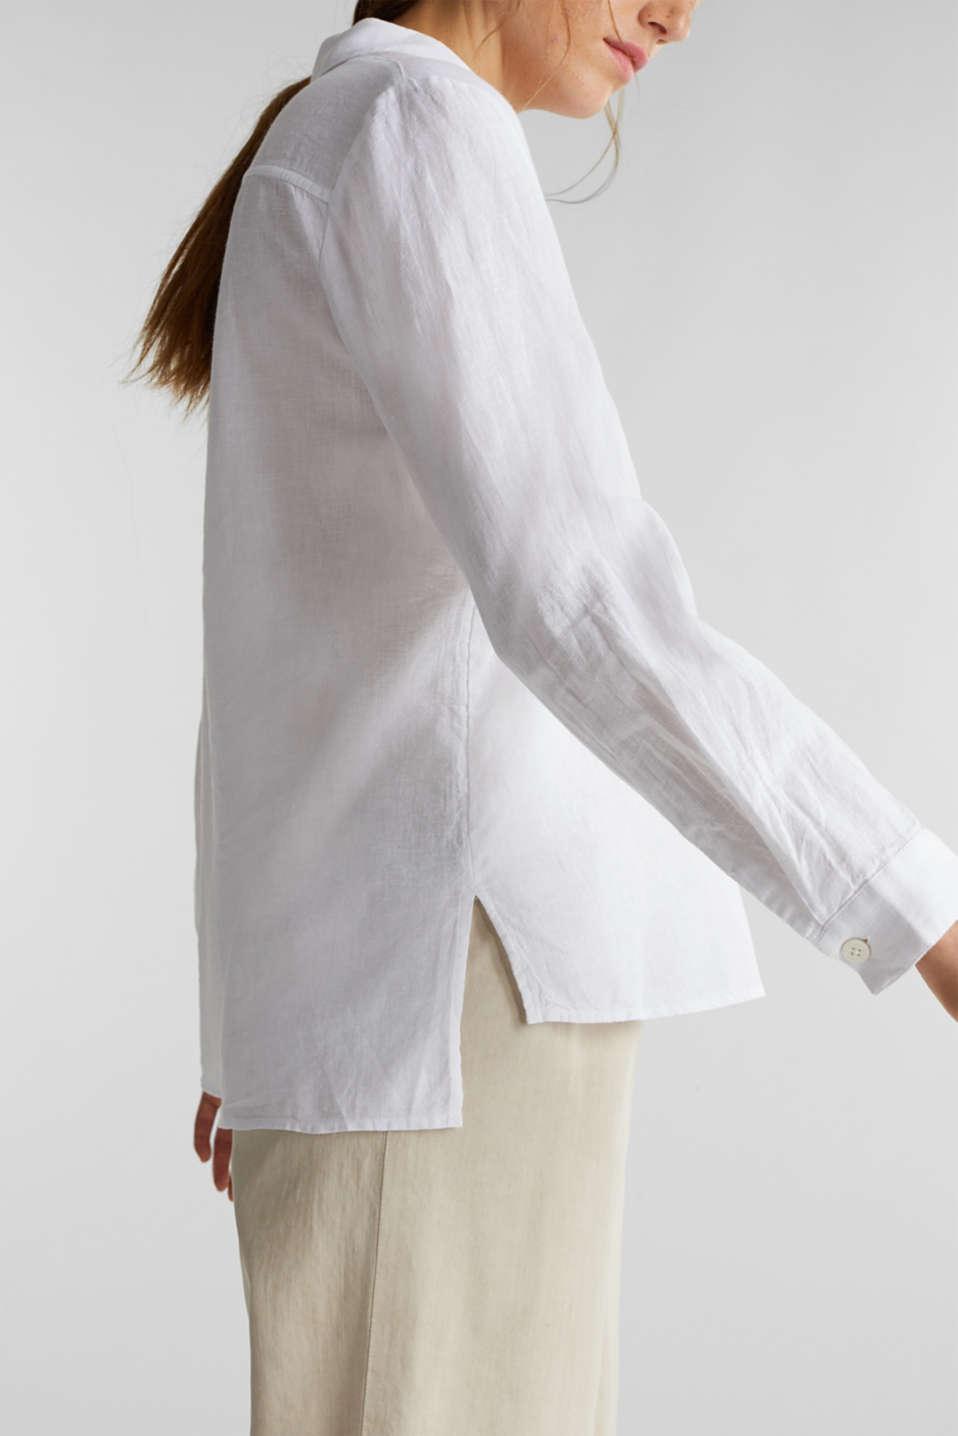 Slip-on blouse in blended linen, WHITE, detail image number 2